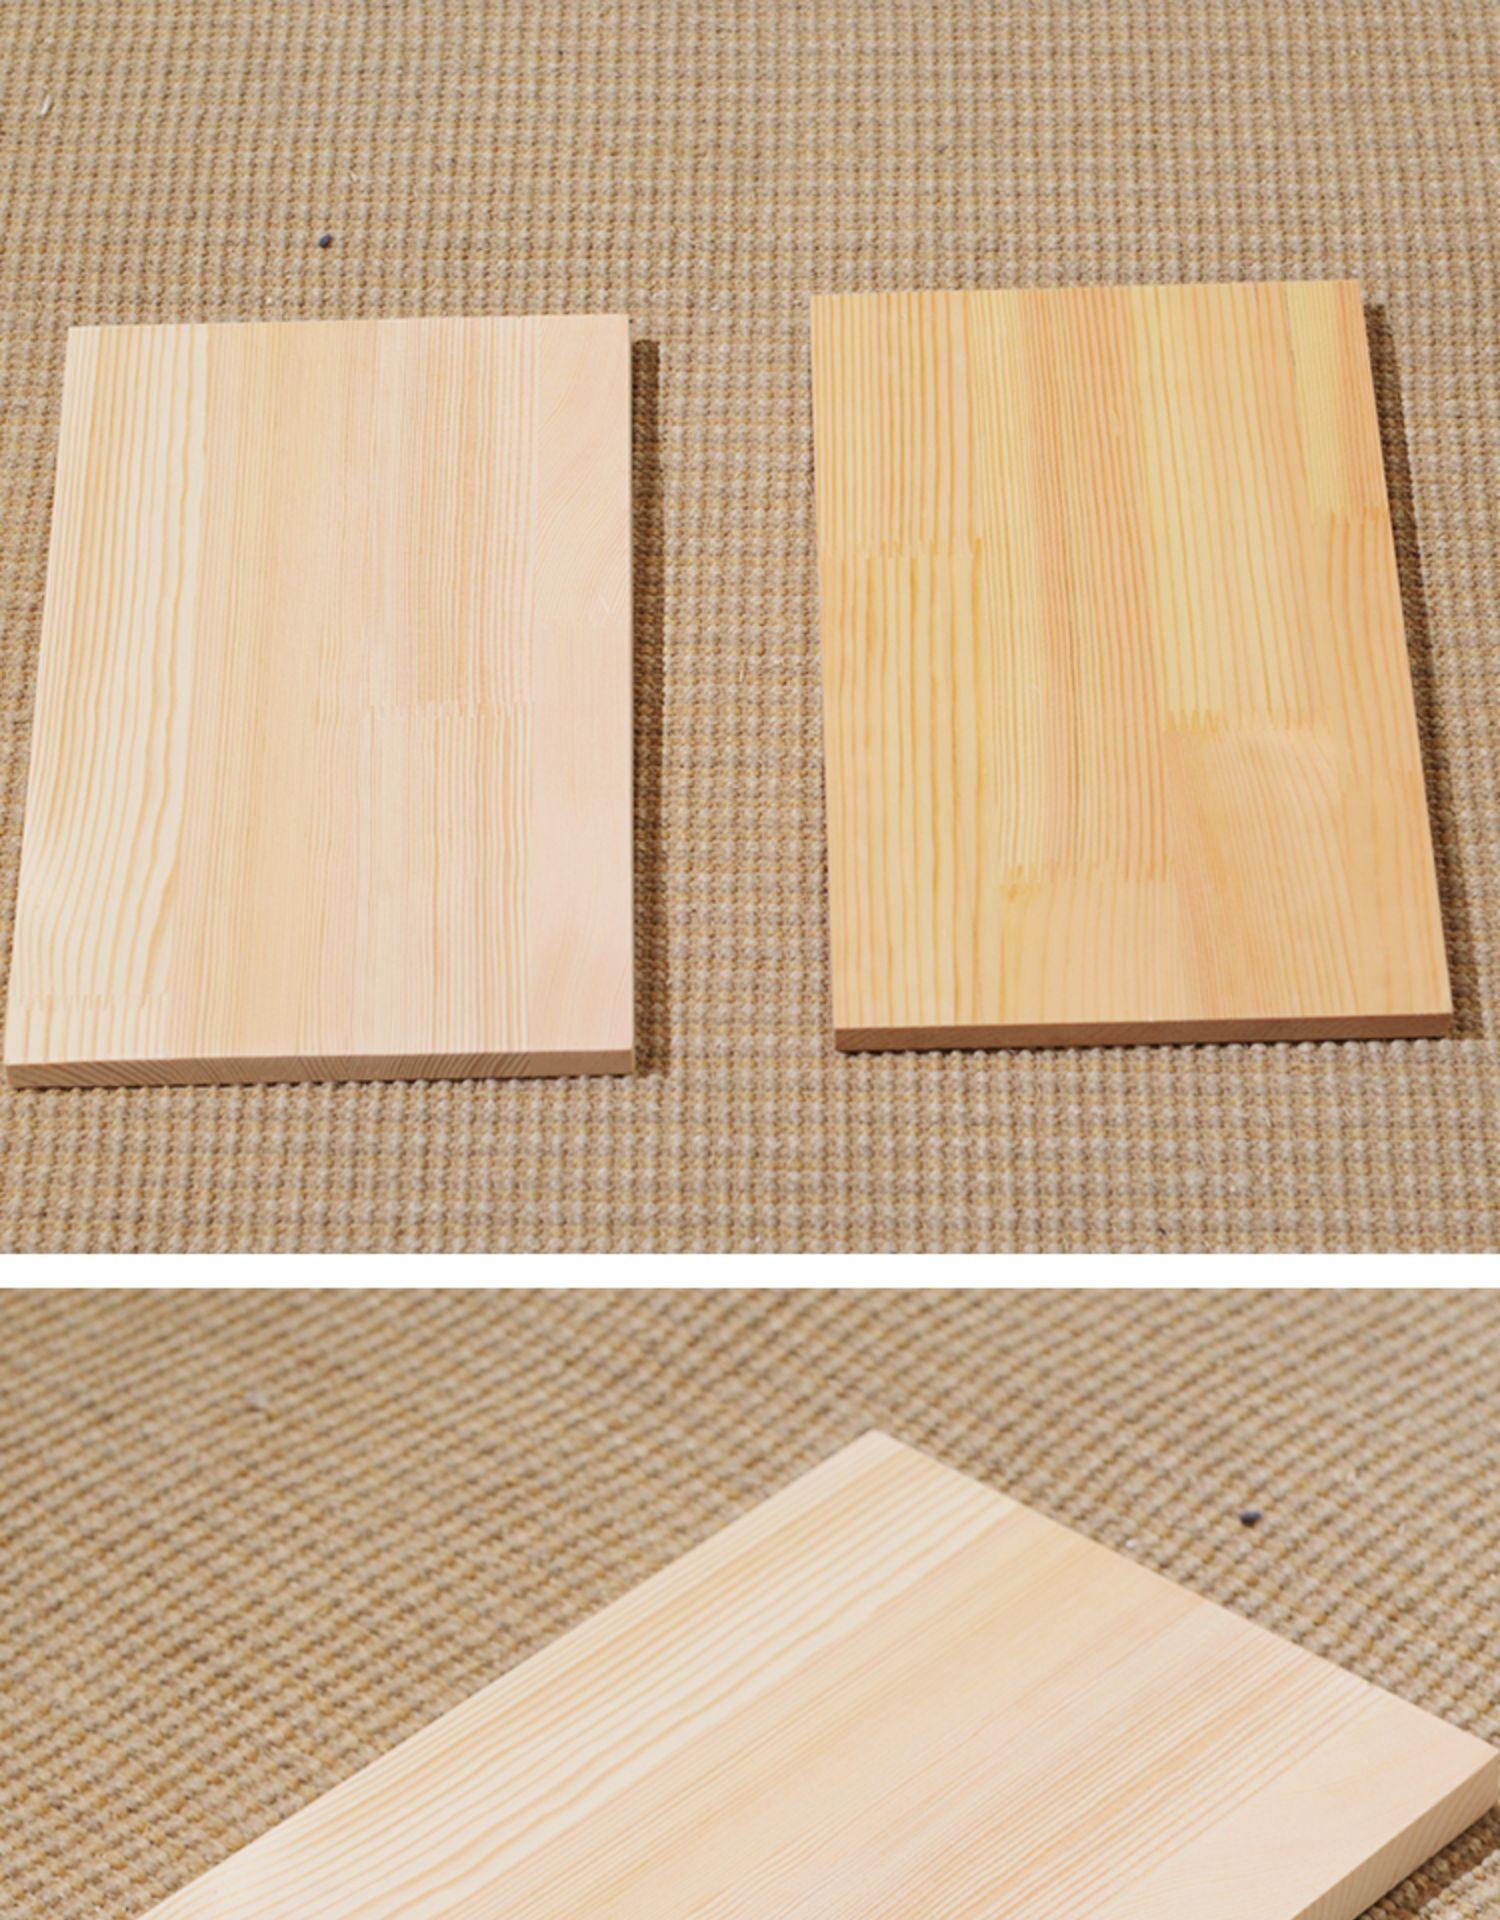 定製实木清漆一字隔板墙上置物架免打孔隔板墙壁木板材料书架层板详细照片